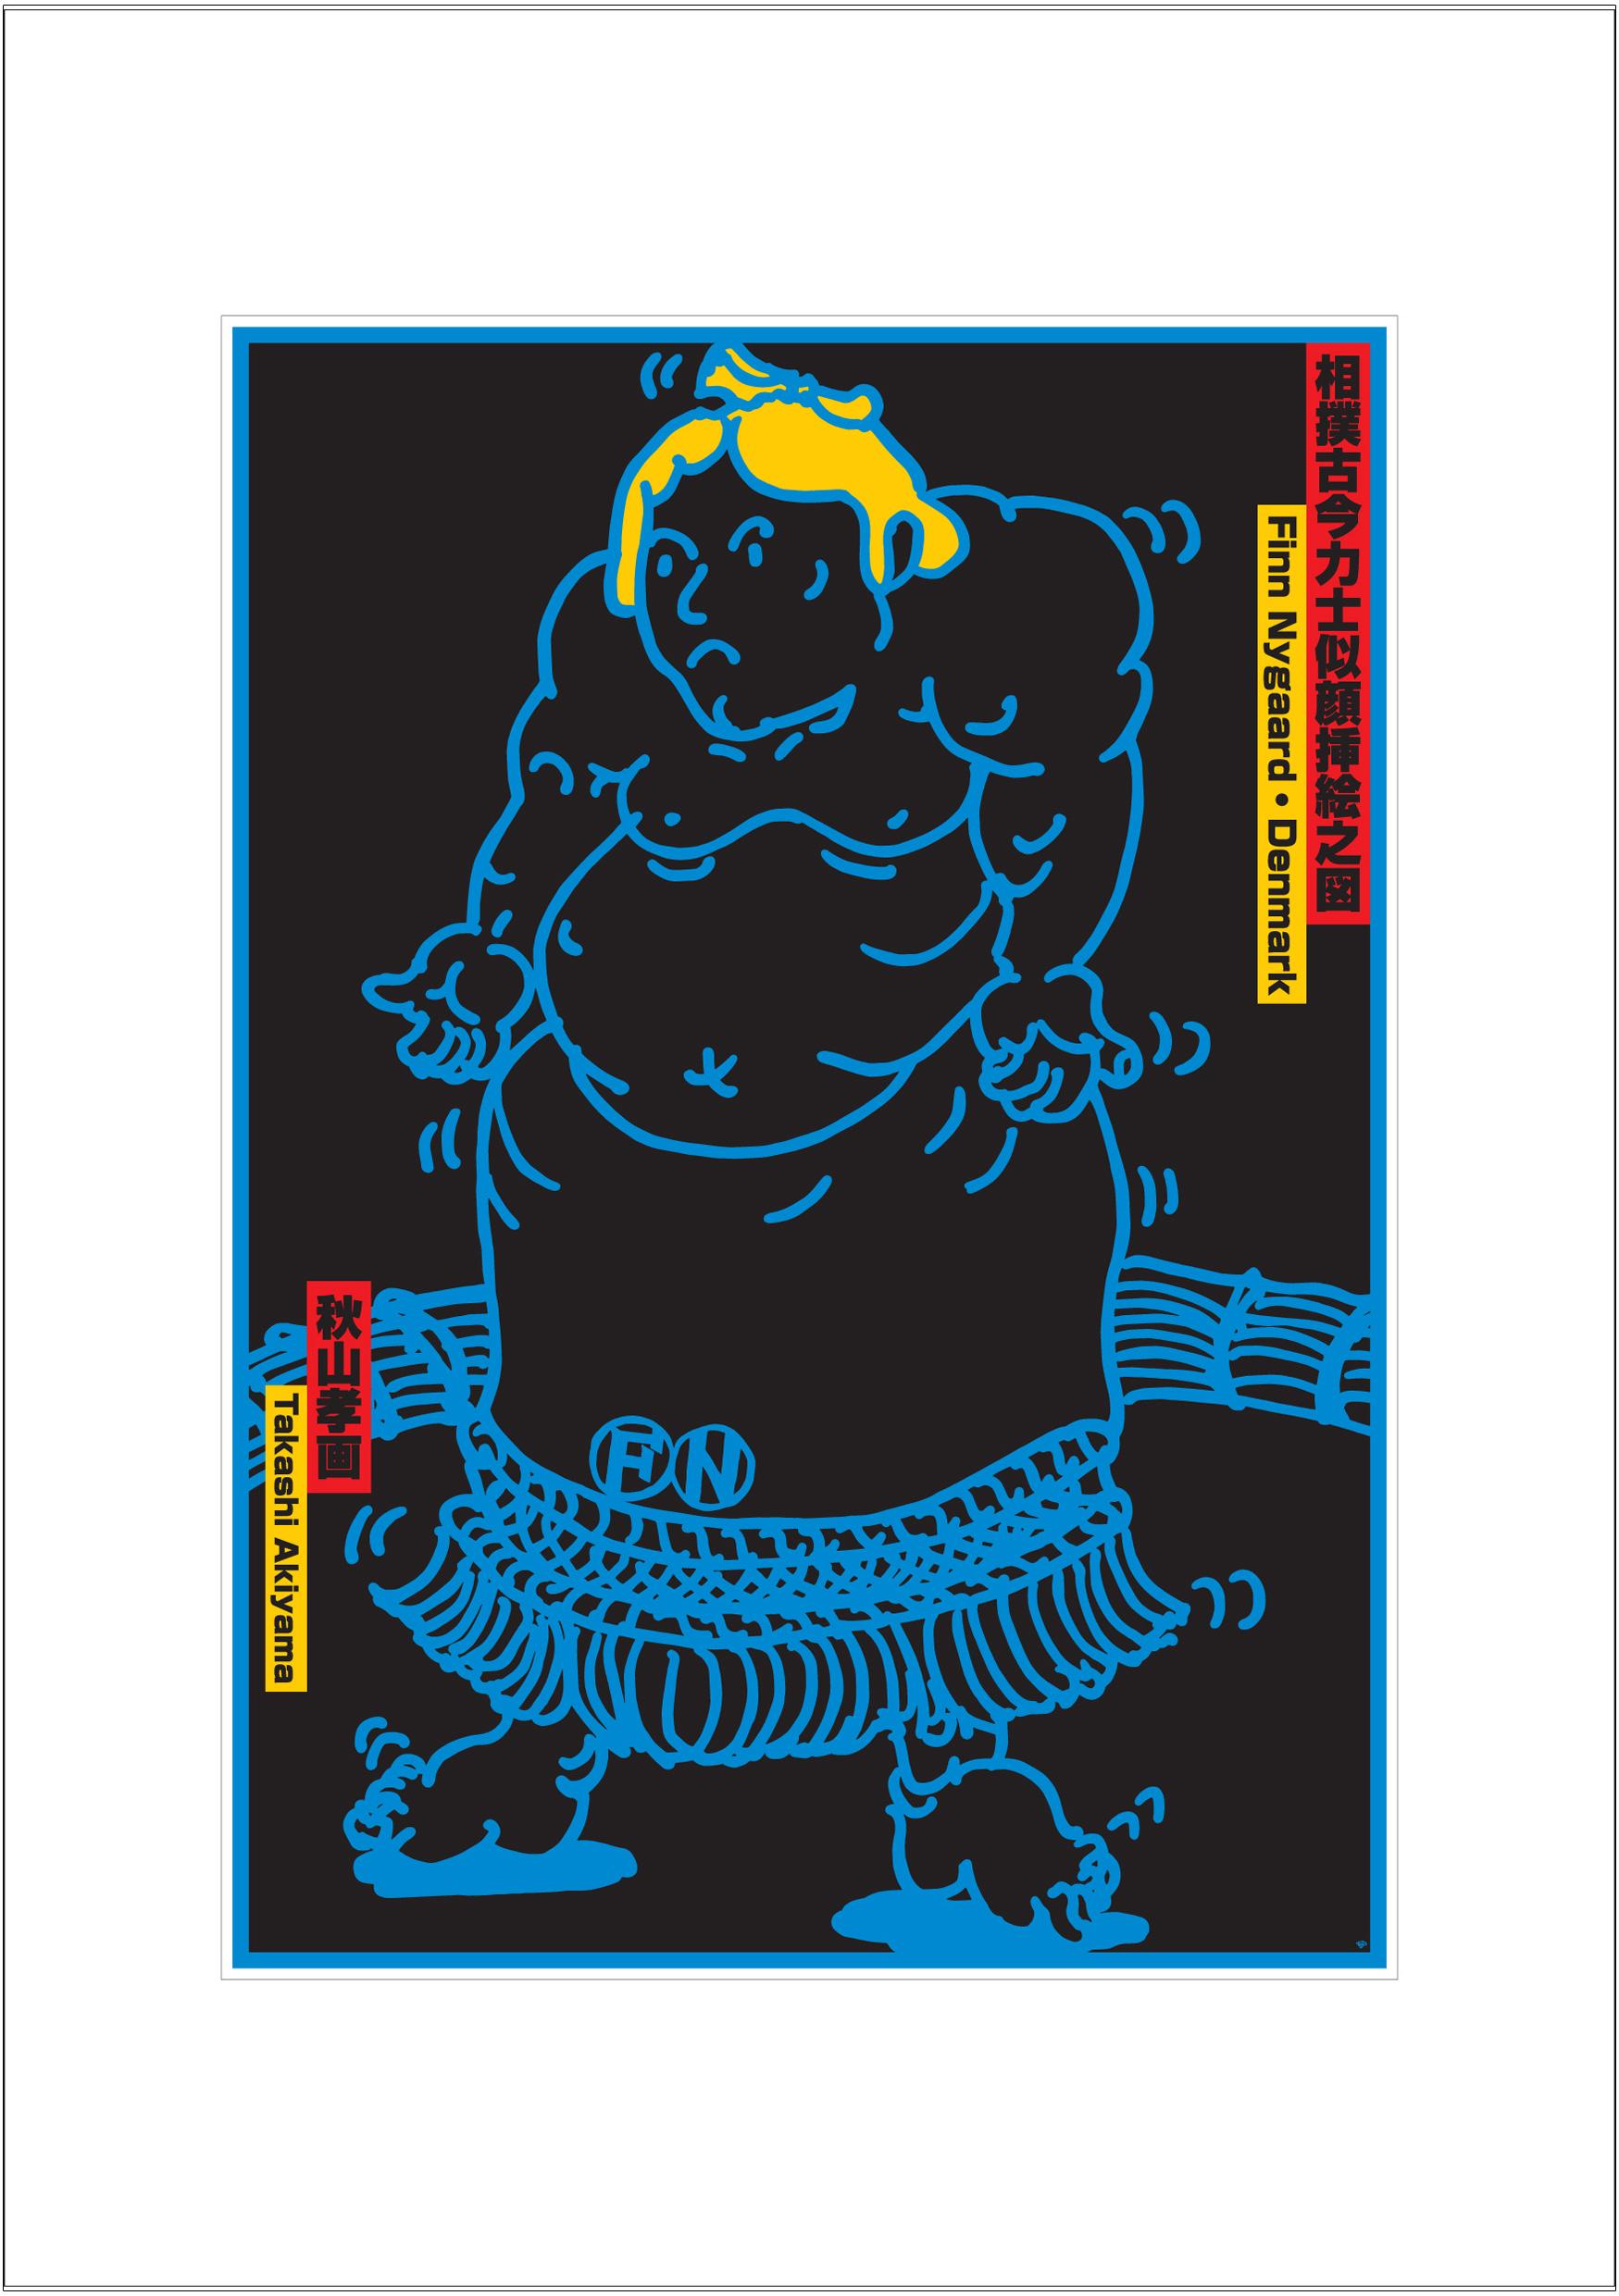 ポスターアーティスト秋山孝が2009年に制作したアートカード「アートカード ポスター 2005 15」